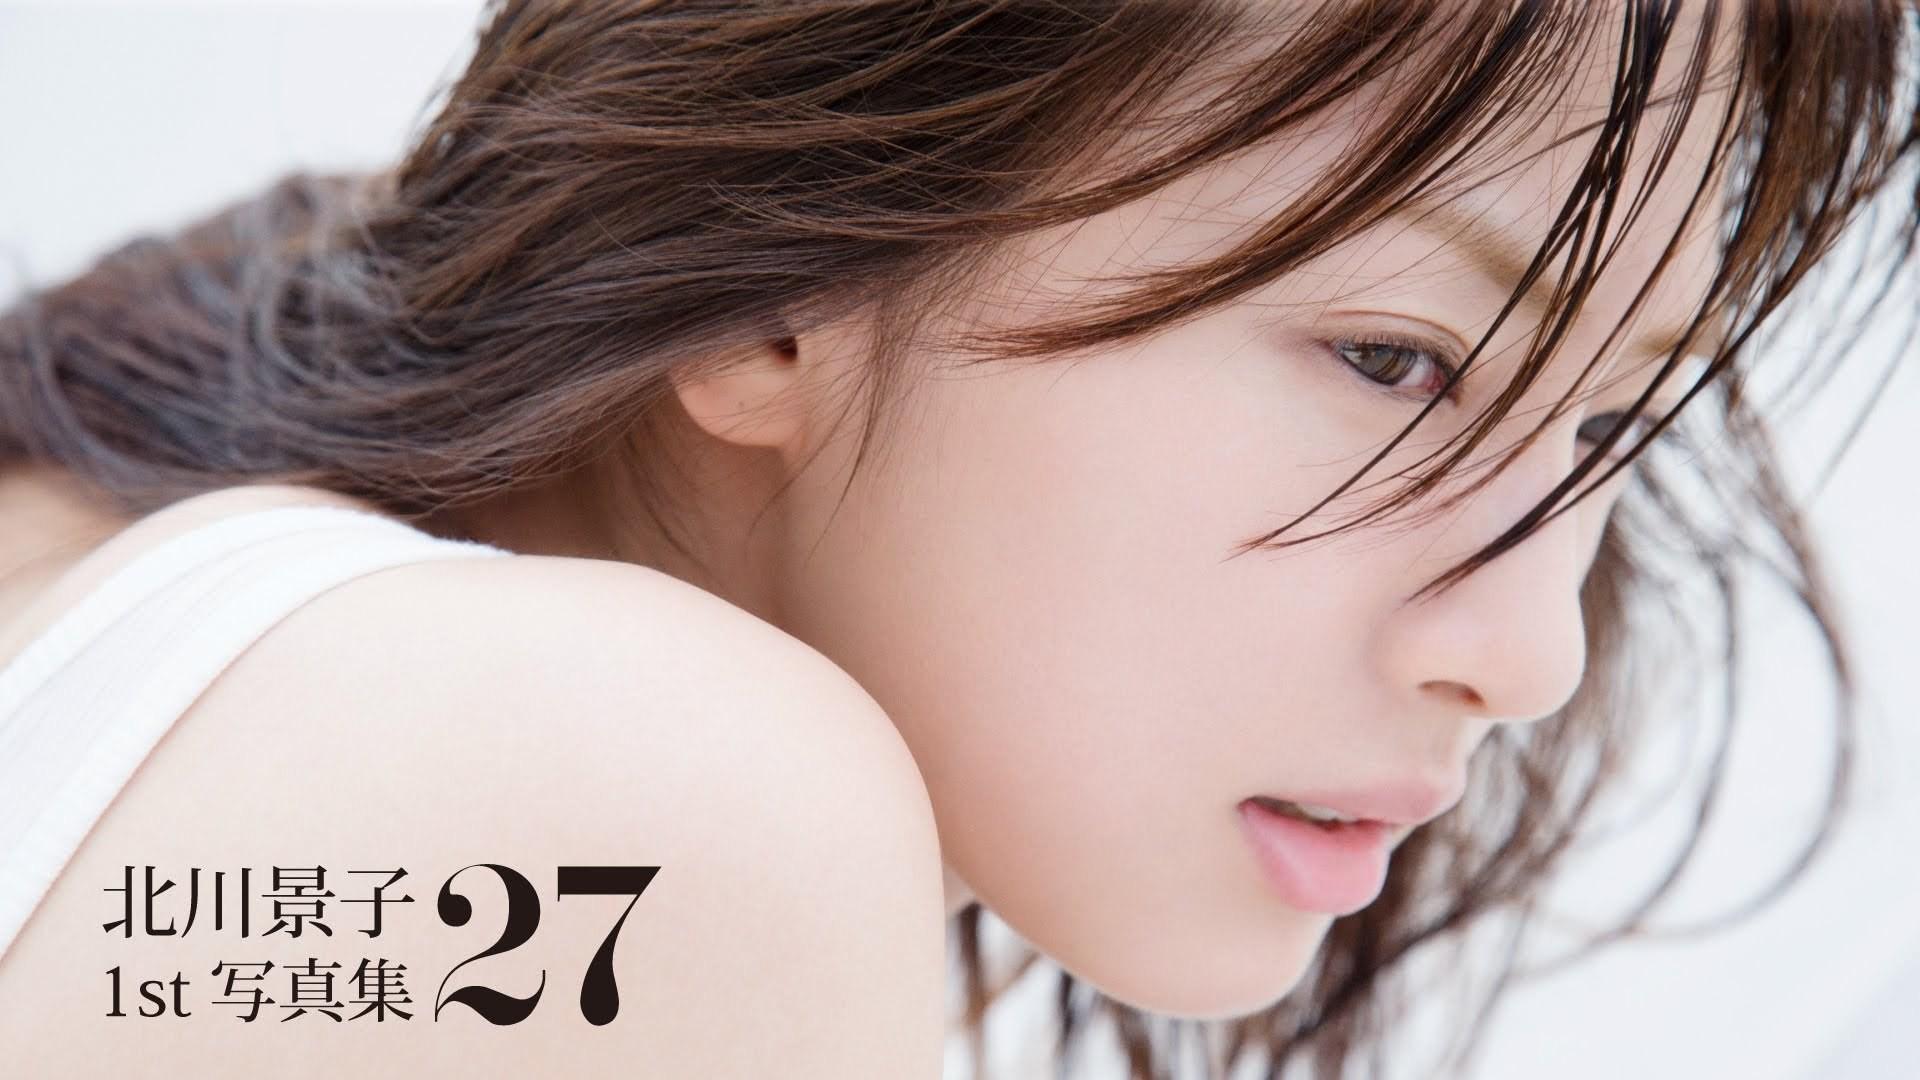 Kitagawa Keiko is more cute when natural makeup